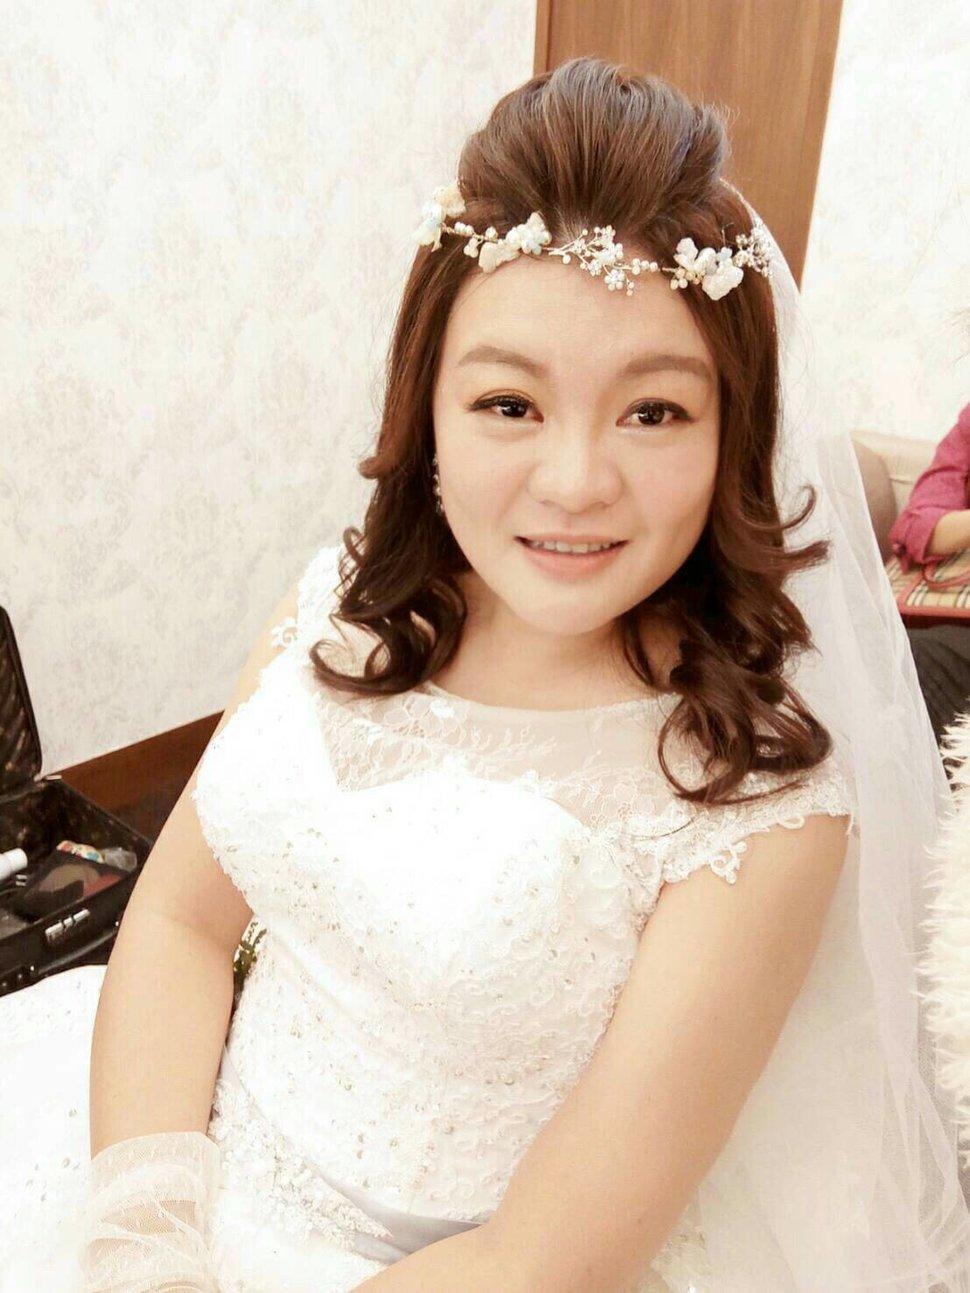 1510664362916 - 陳靖  新娘秘書 - 結婚吧